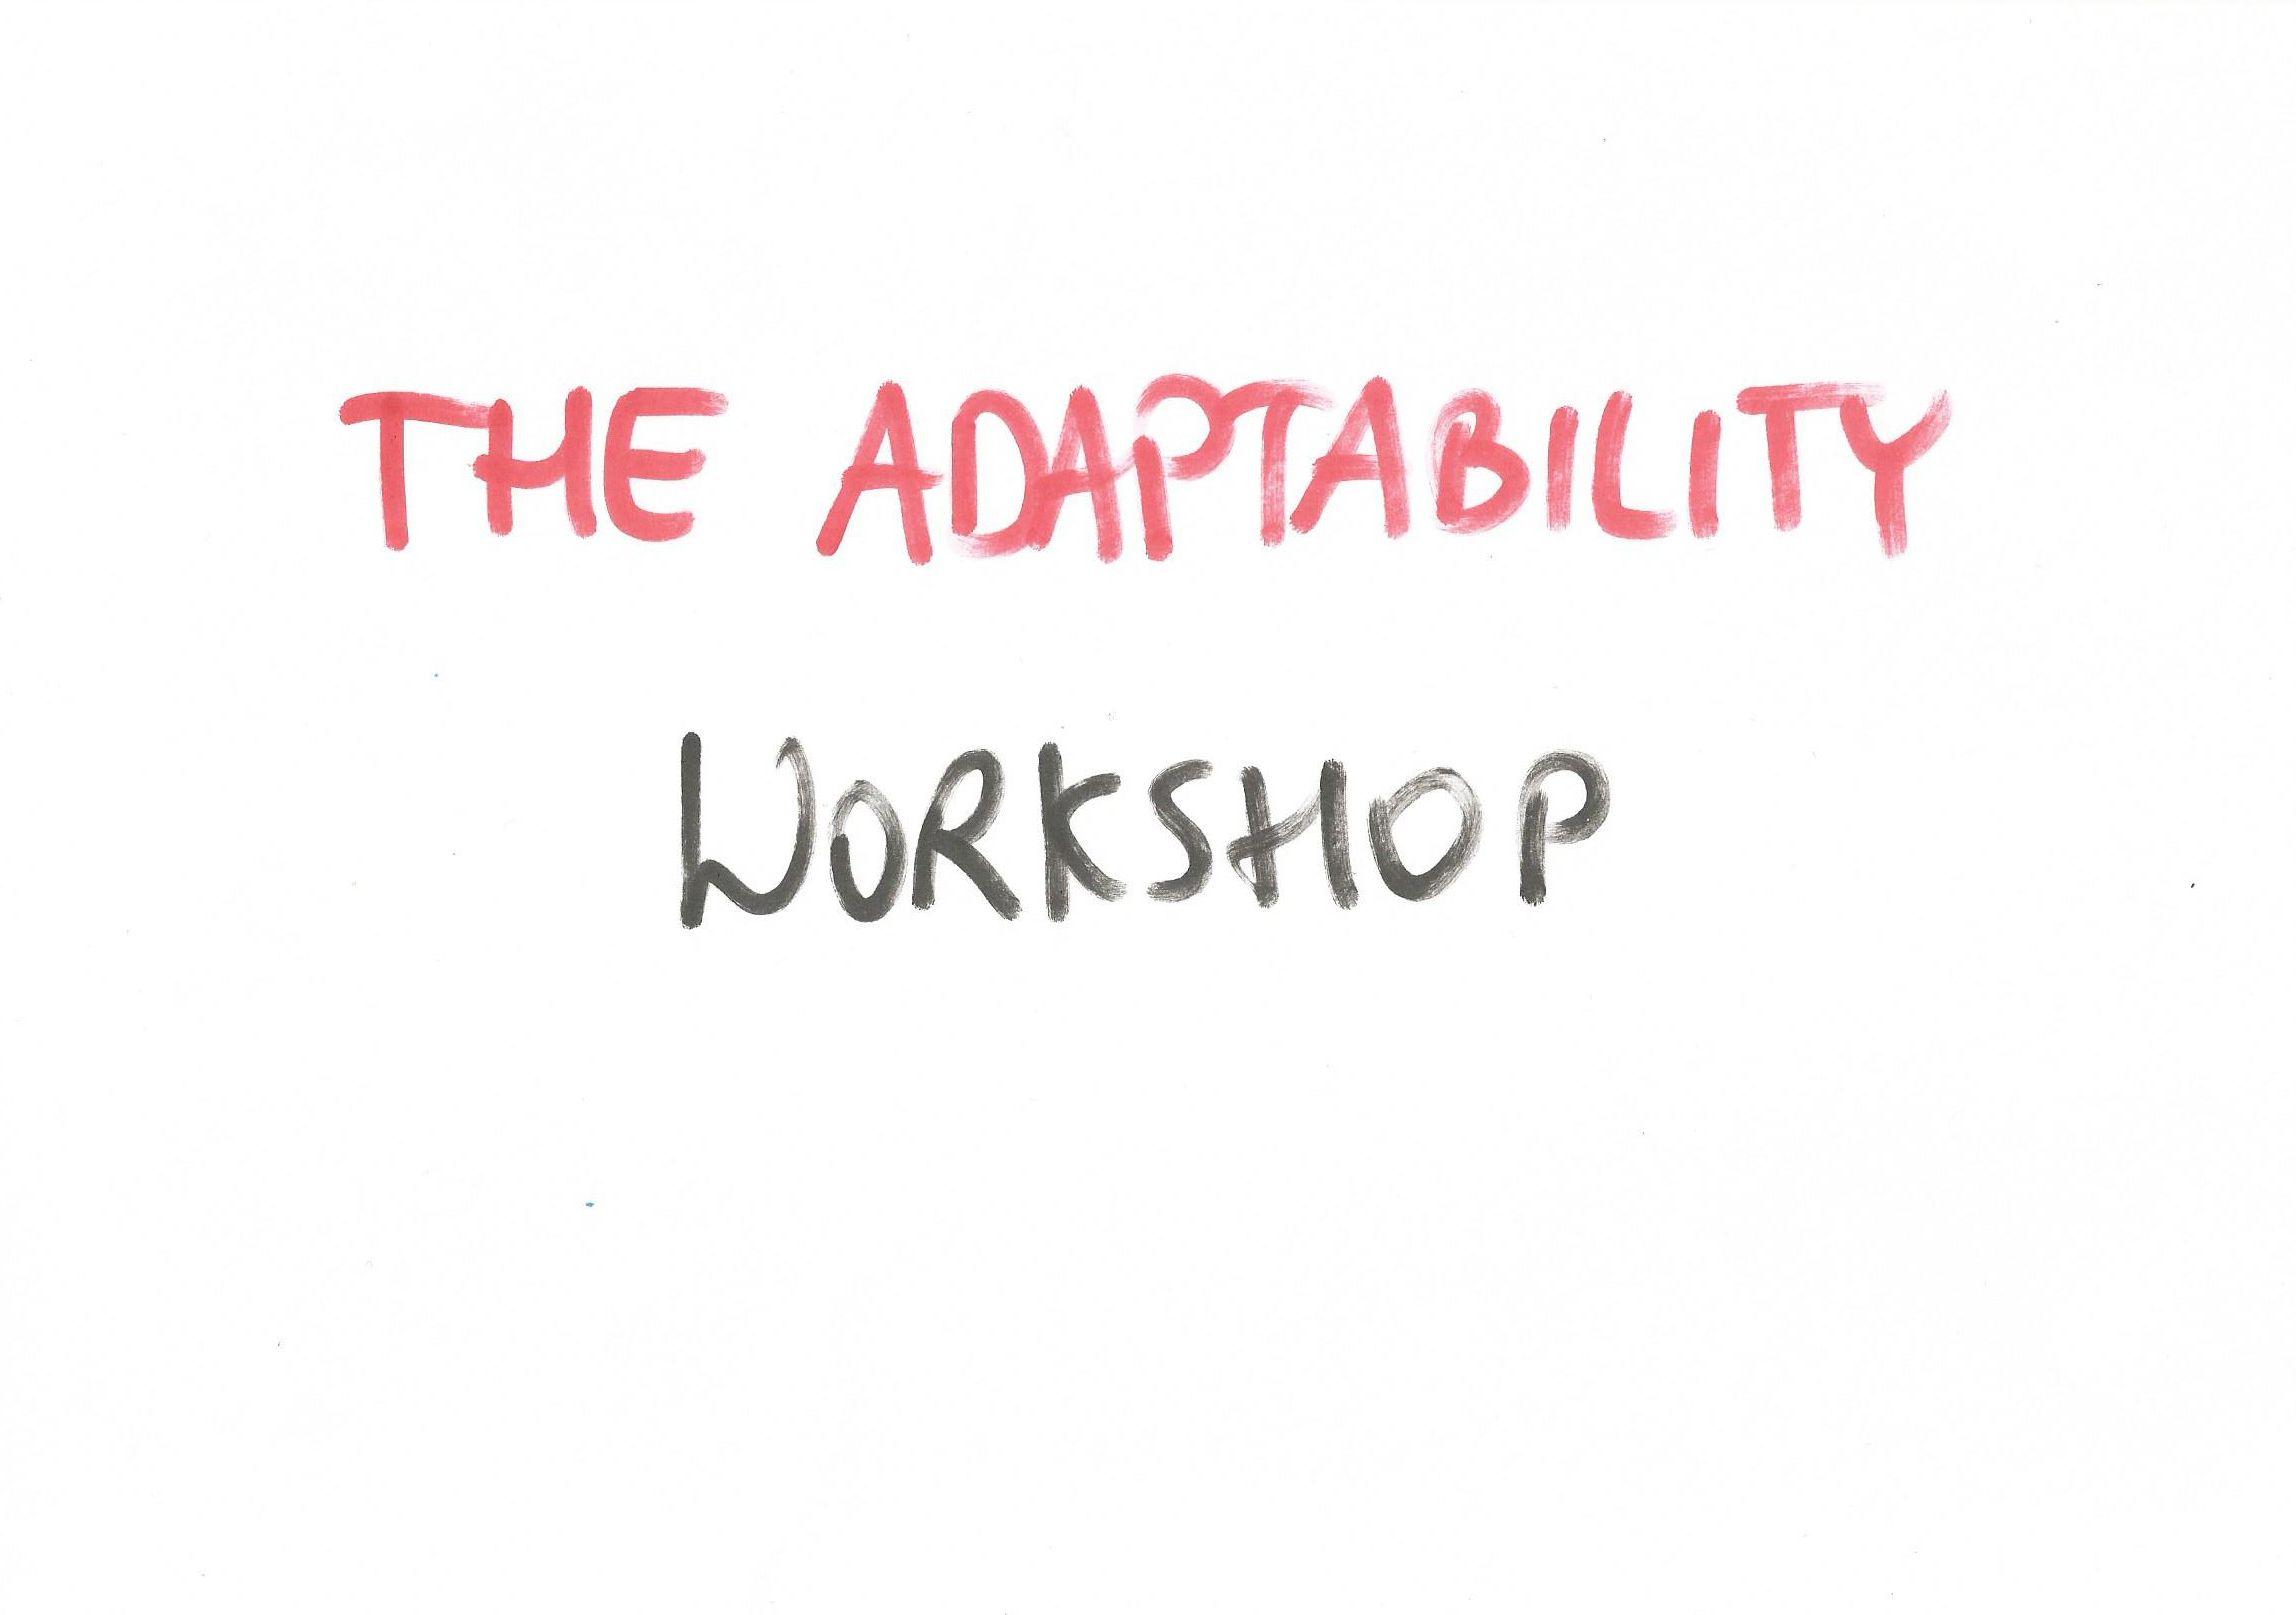 The adaptability Workshop by Witold Wisniewski